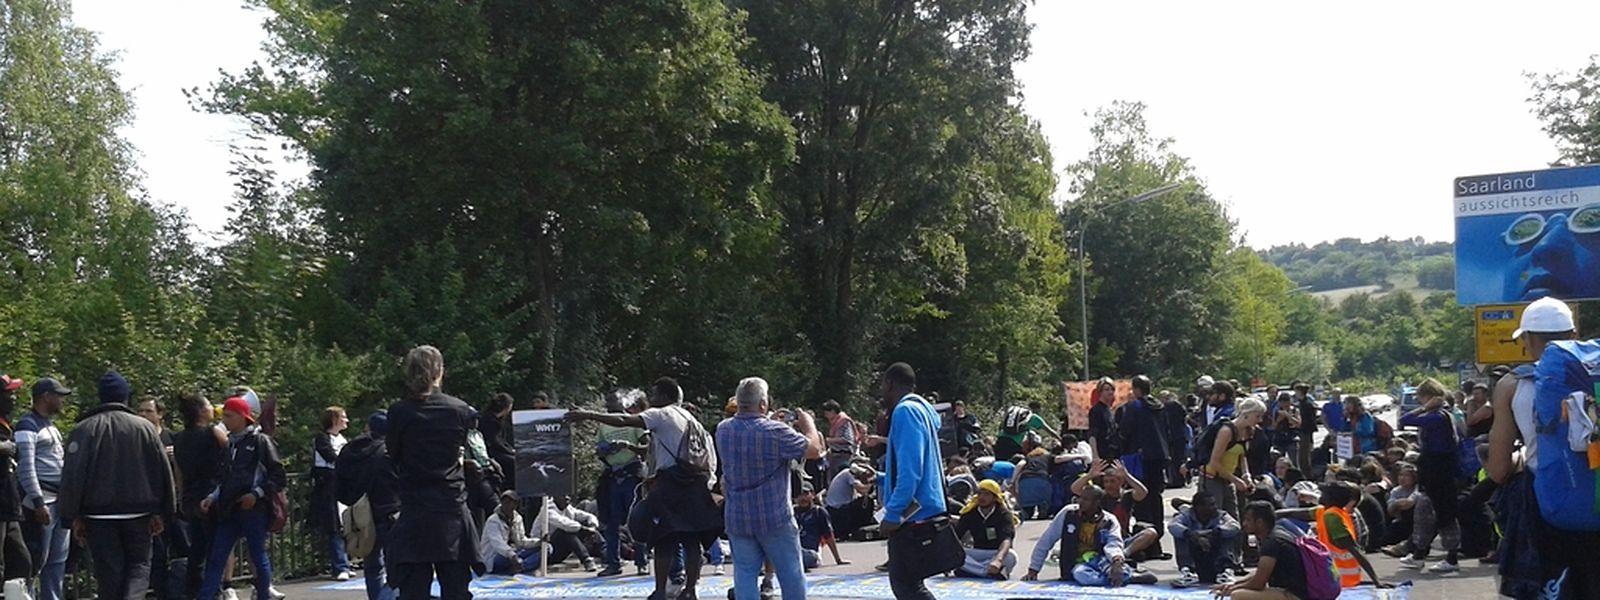 Friedensdemonstration In Schengen: Europa Denkmal Mit Stacheldraht Umwickelt